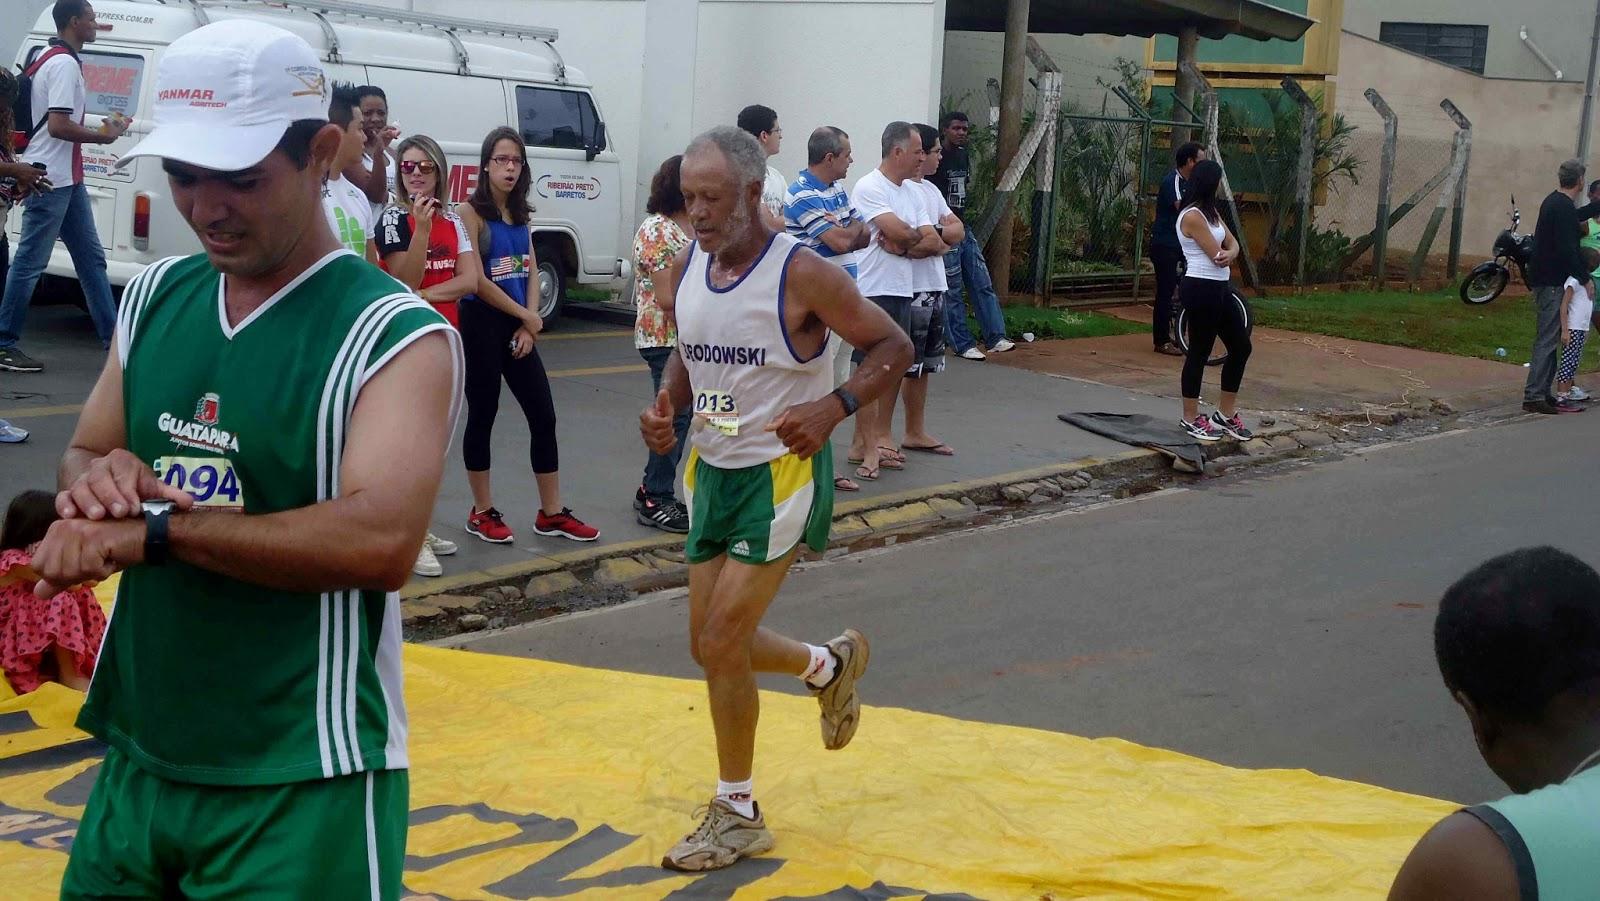 Foto 120 da 1ª Corrida Av. dos Coqueiros em Barretos-SP 14/04/2013 – Atletas cruzando a linha de chegada